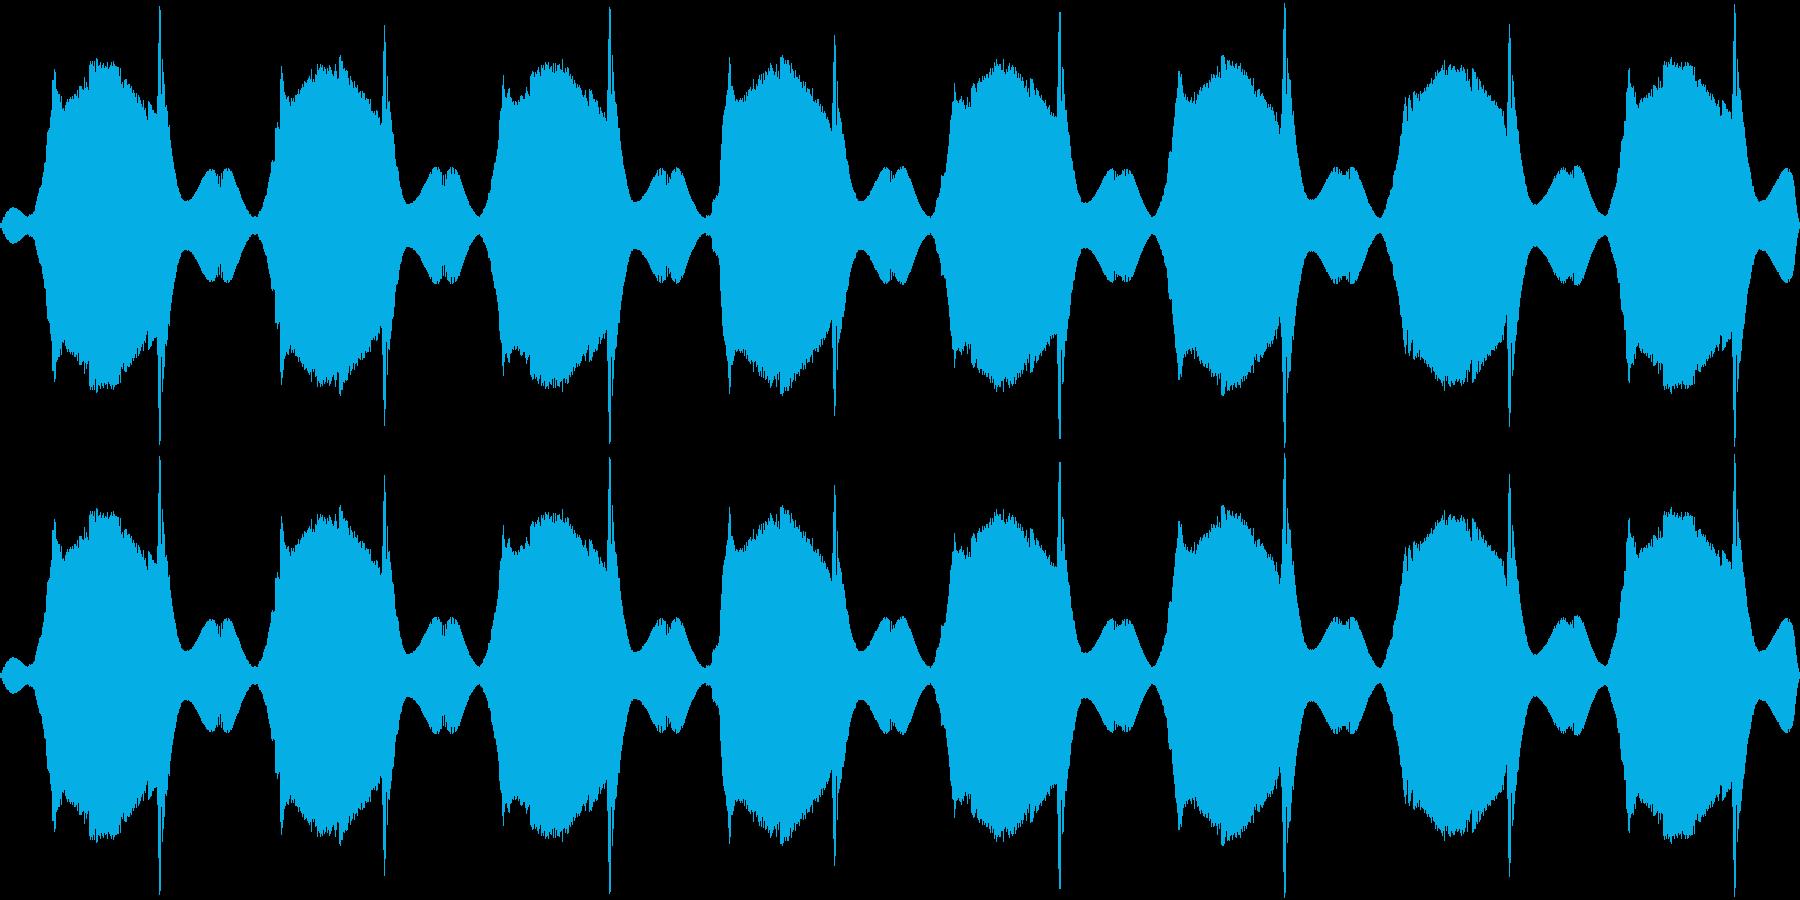 Toy Alarm おもちゃのサイレン音の再生済みの波形